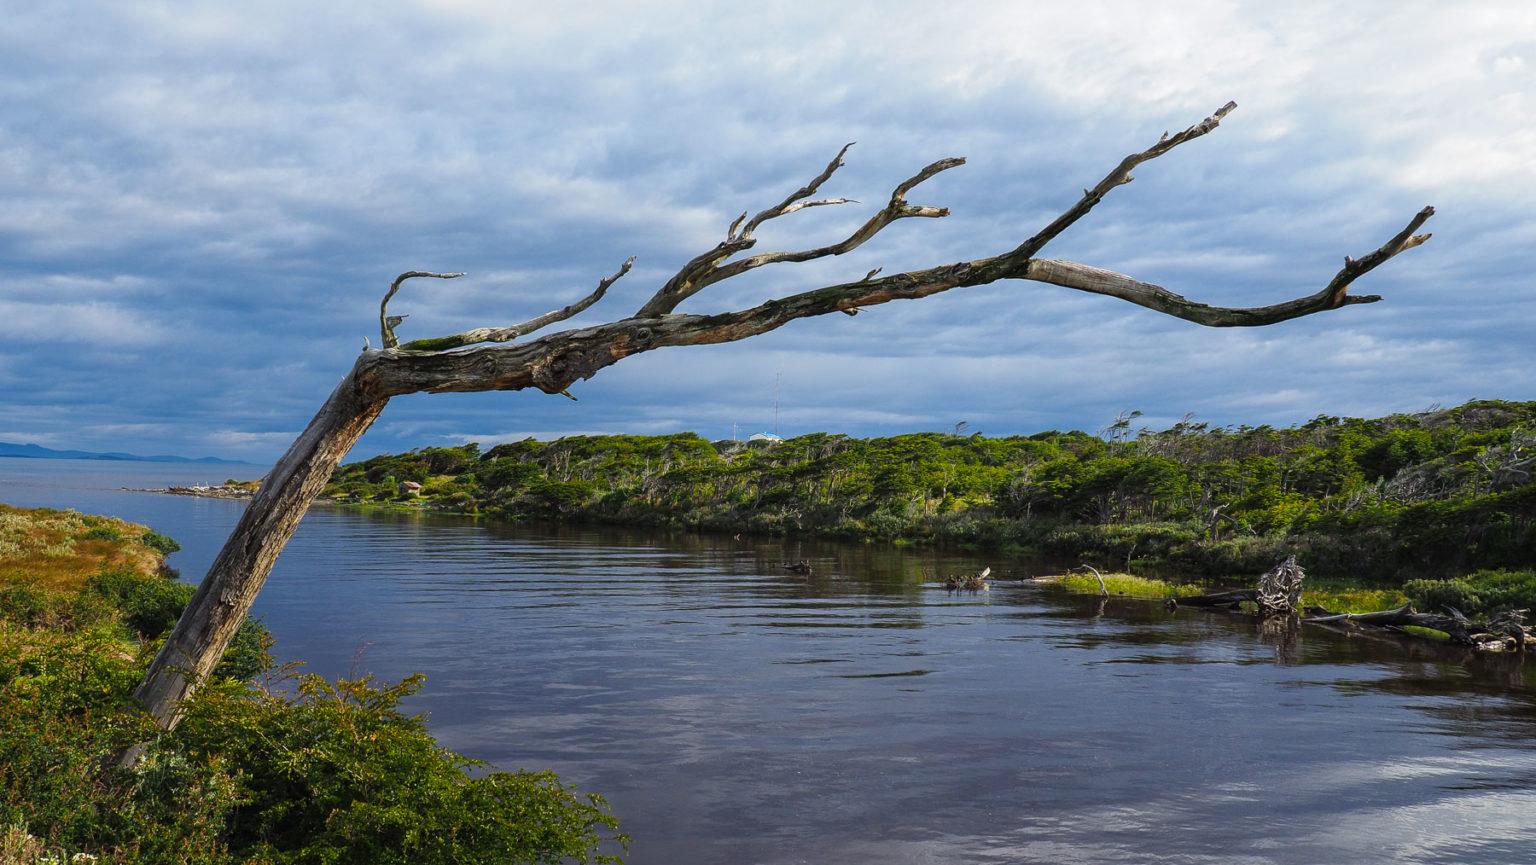 Der ständige starke Wind formt die Bäume